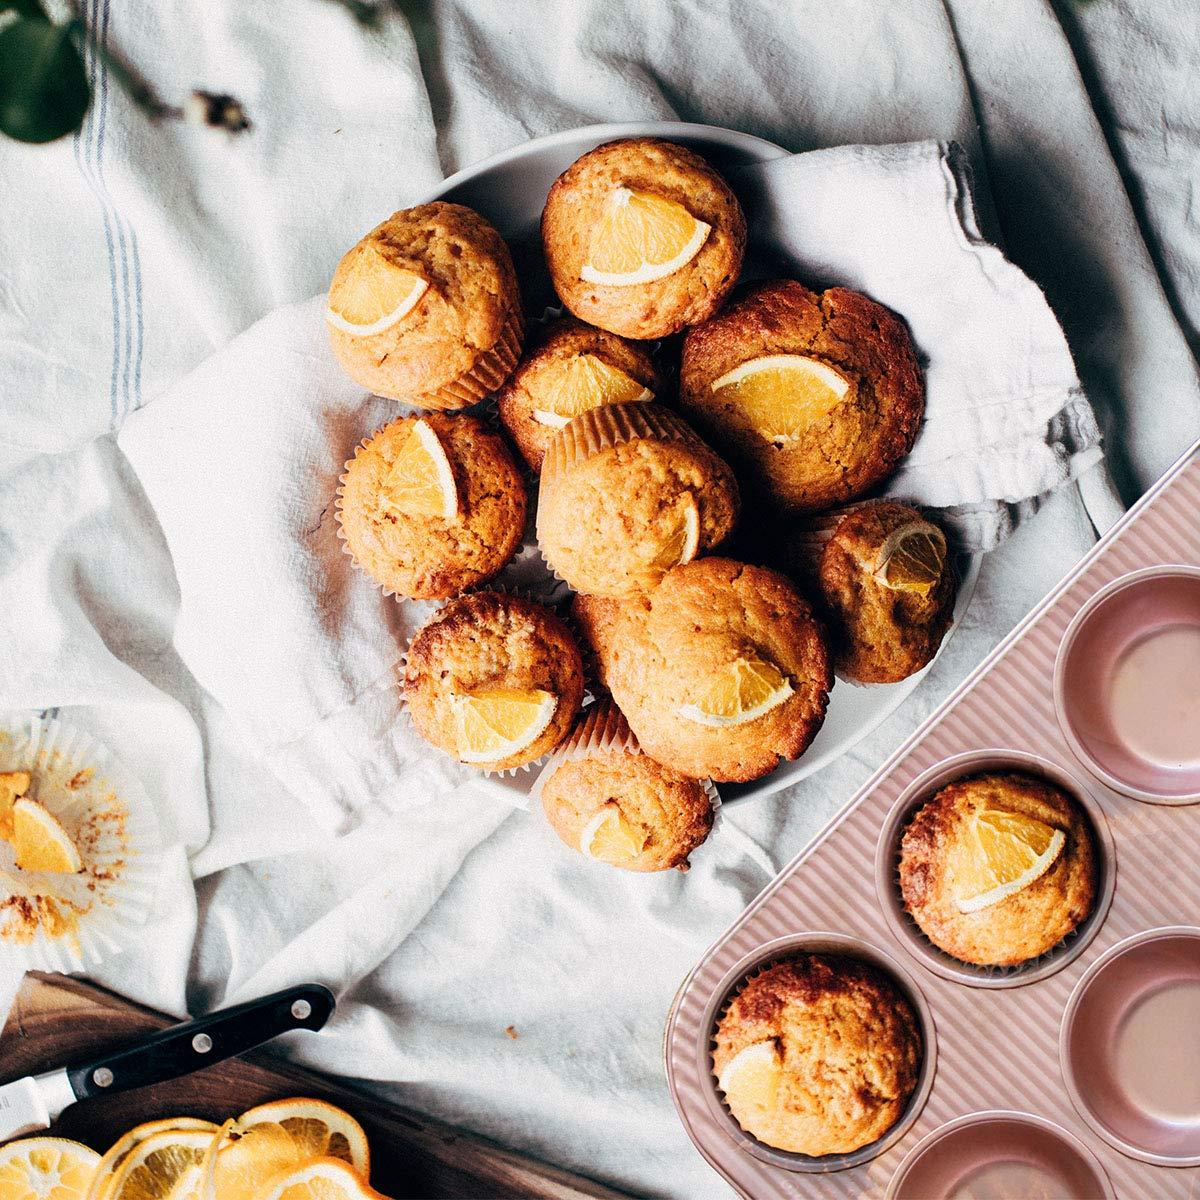 Bakeware Set, TOPTIER 6 Piece Nonstick Baking Pan Sets with Cookie Baking Sheets, Muffin Pan, Loaf Pan, Round Cake Pan, Roasting Pan for Baking | Prime Housewarming & Wedding Gift, Rose Gold by toptier (Image #7)